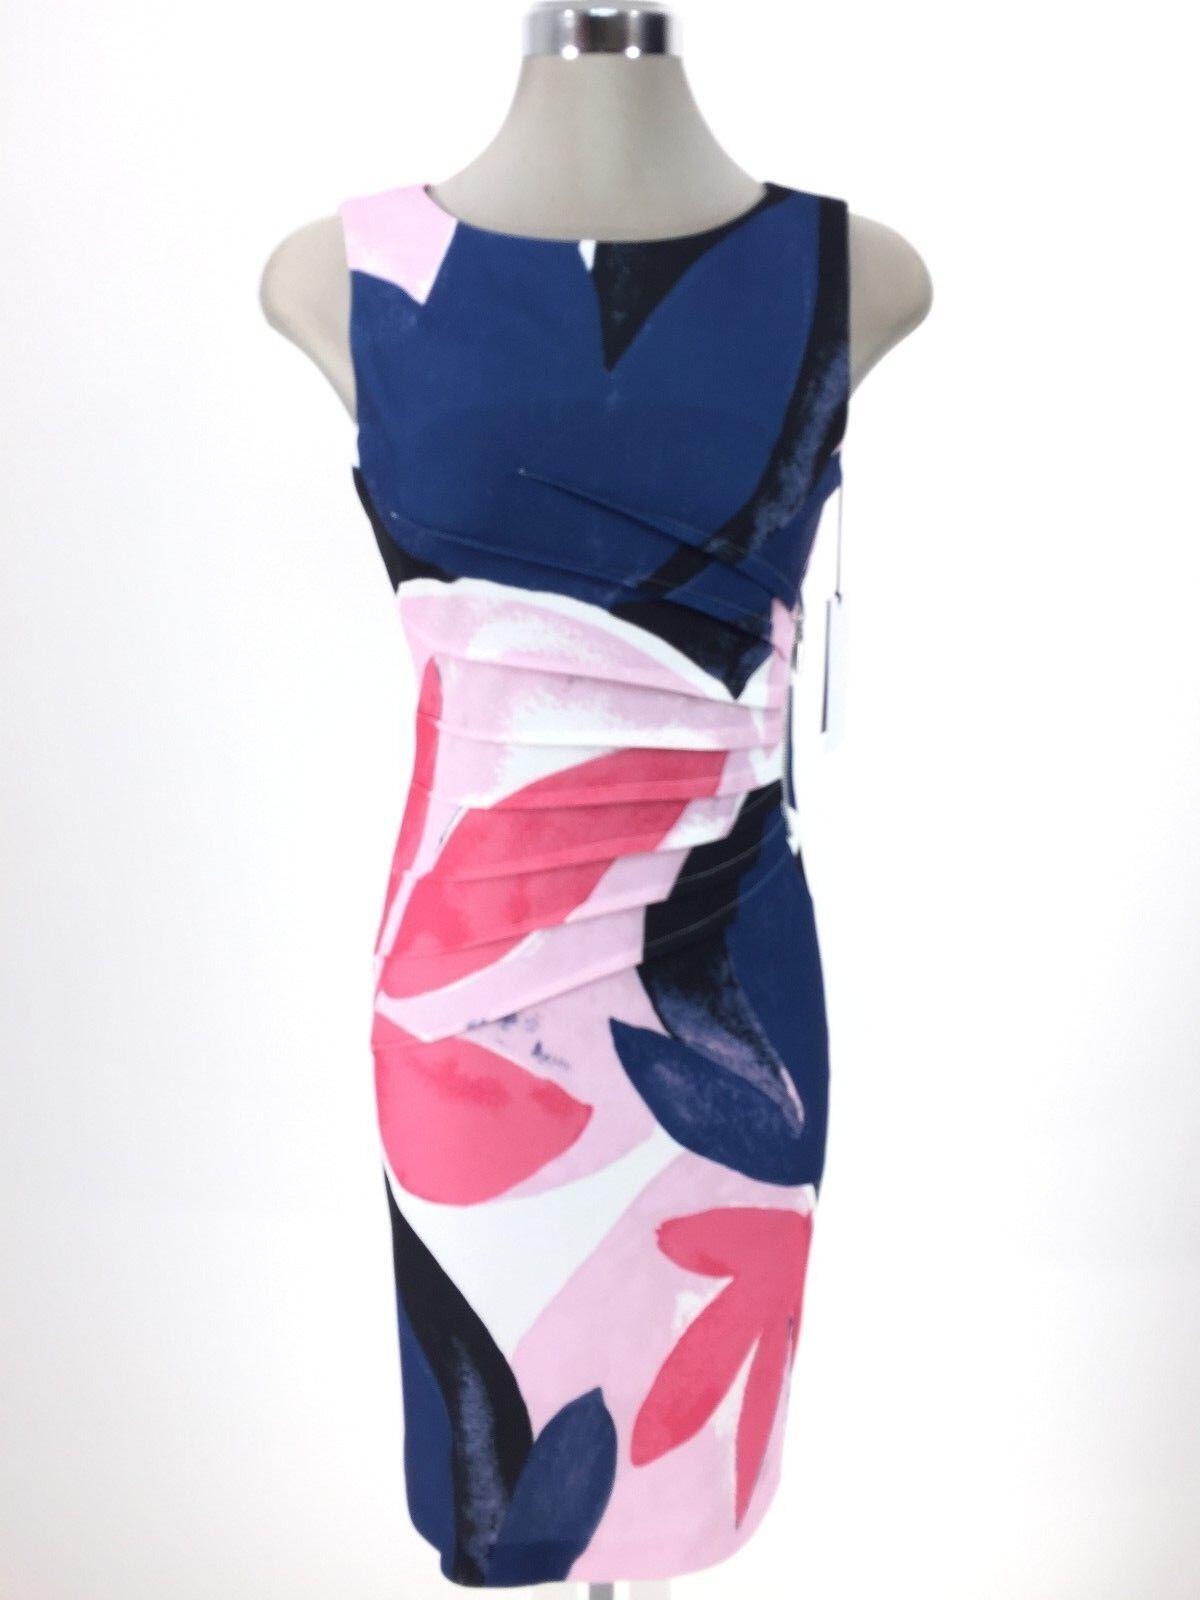 Ivanka Trump NWT Modern Office @ Work NAVY PINK Floral print Dress siz 2 14 L@@K